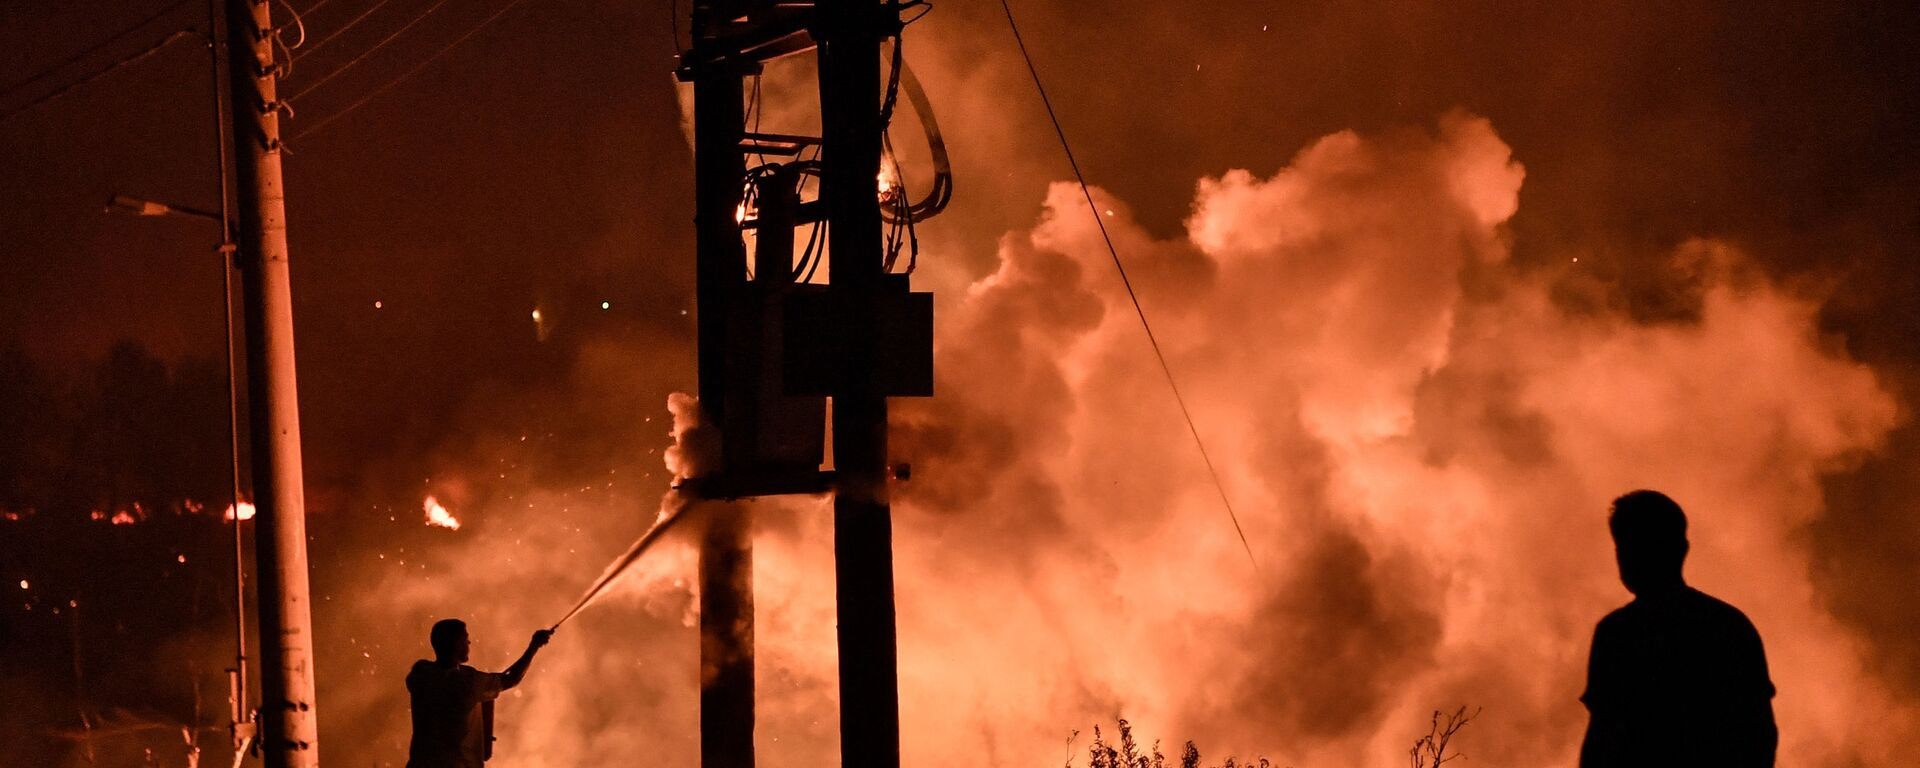 Местные жители в лесу Татои недалеко от Ахарнеса, где вспыхнул лесной пожар, Греция - Sputnik Արմենիա, 1920, 13.08.2021